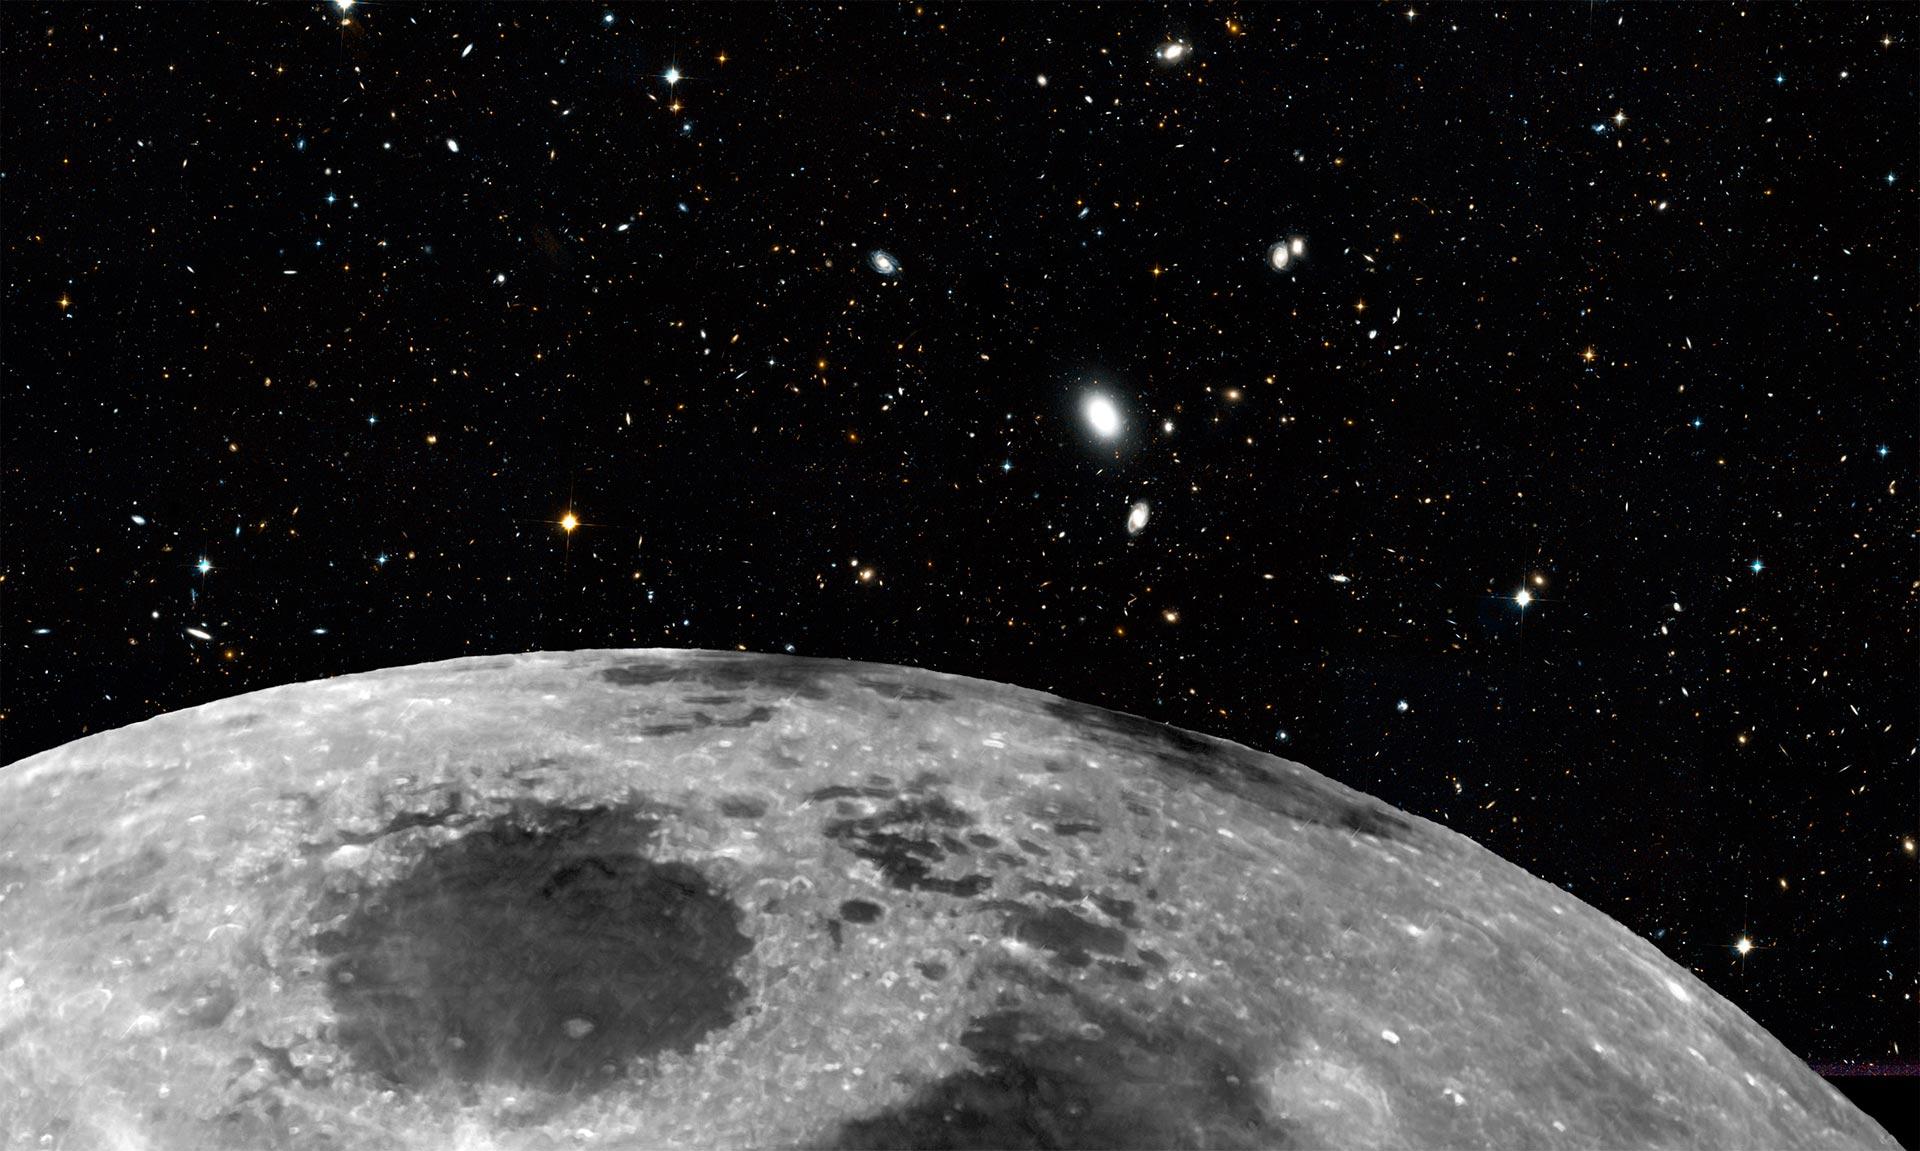 Las Mejores Fotos E Imágenes De La Luna Desde La Tierra Y